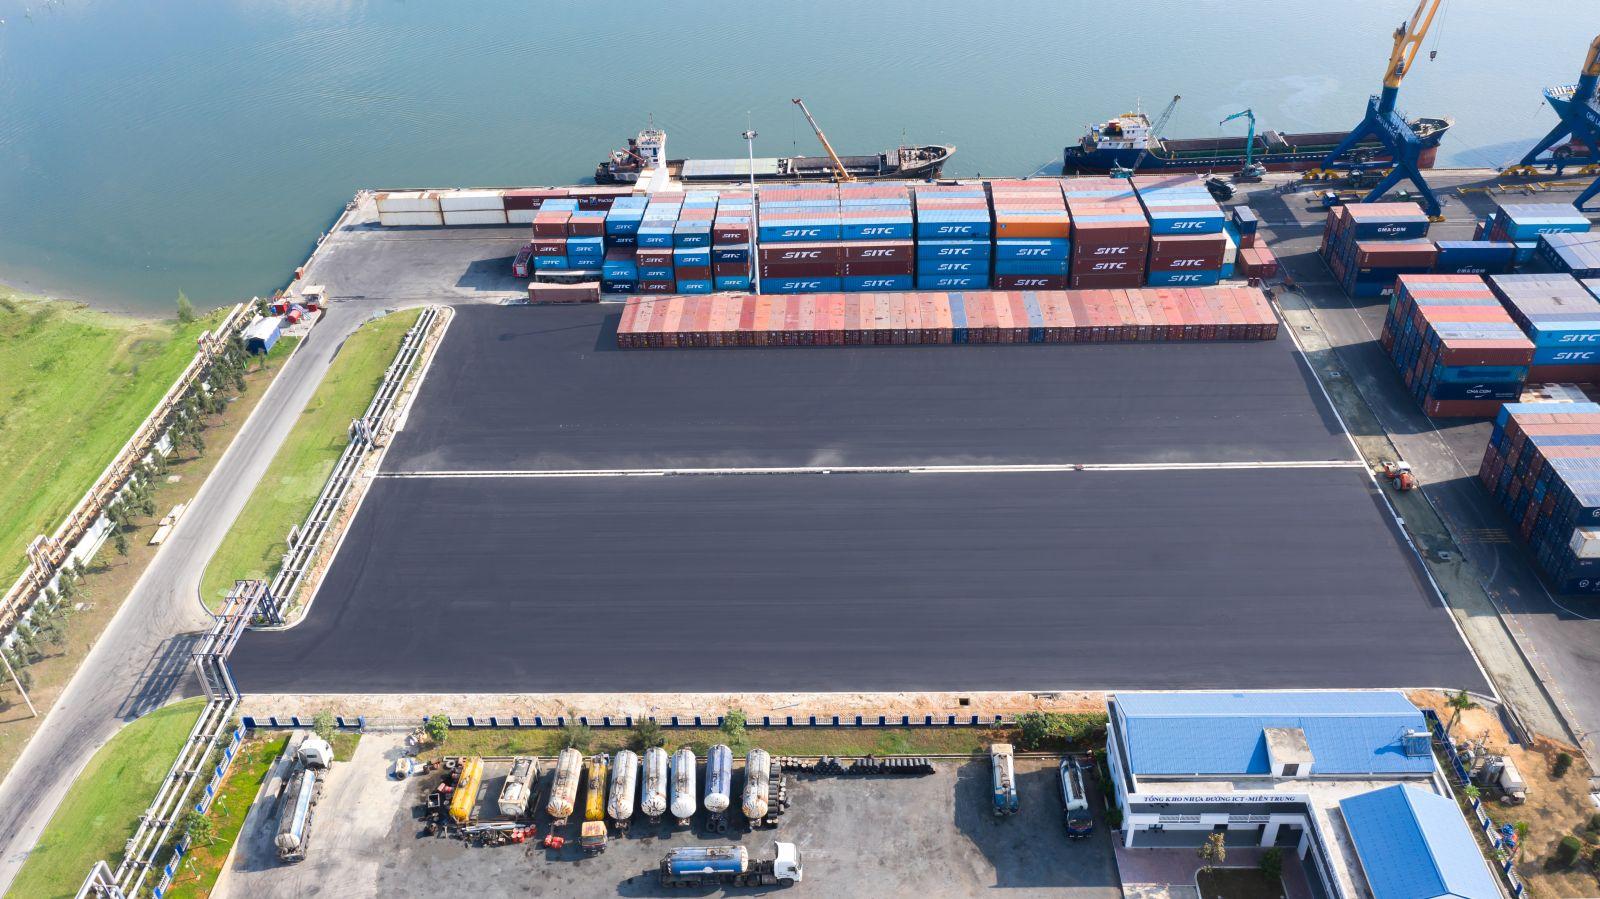 Bãi cảng được mở rộng về phía thượng lưu